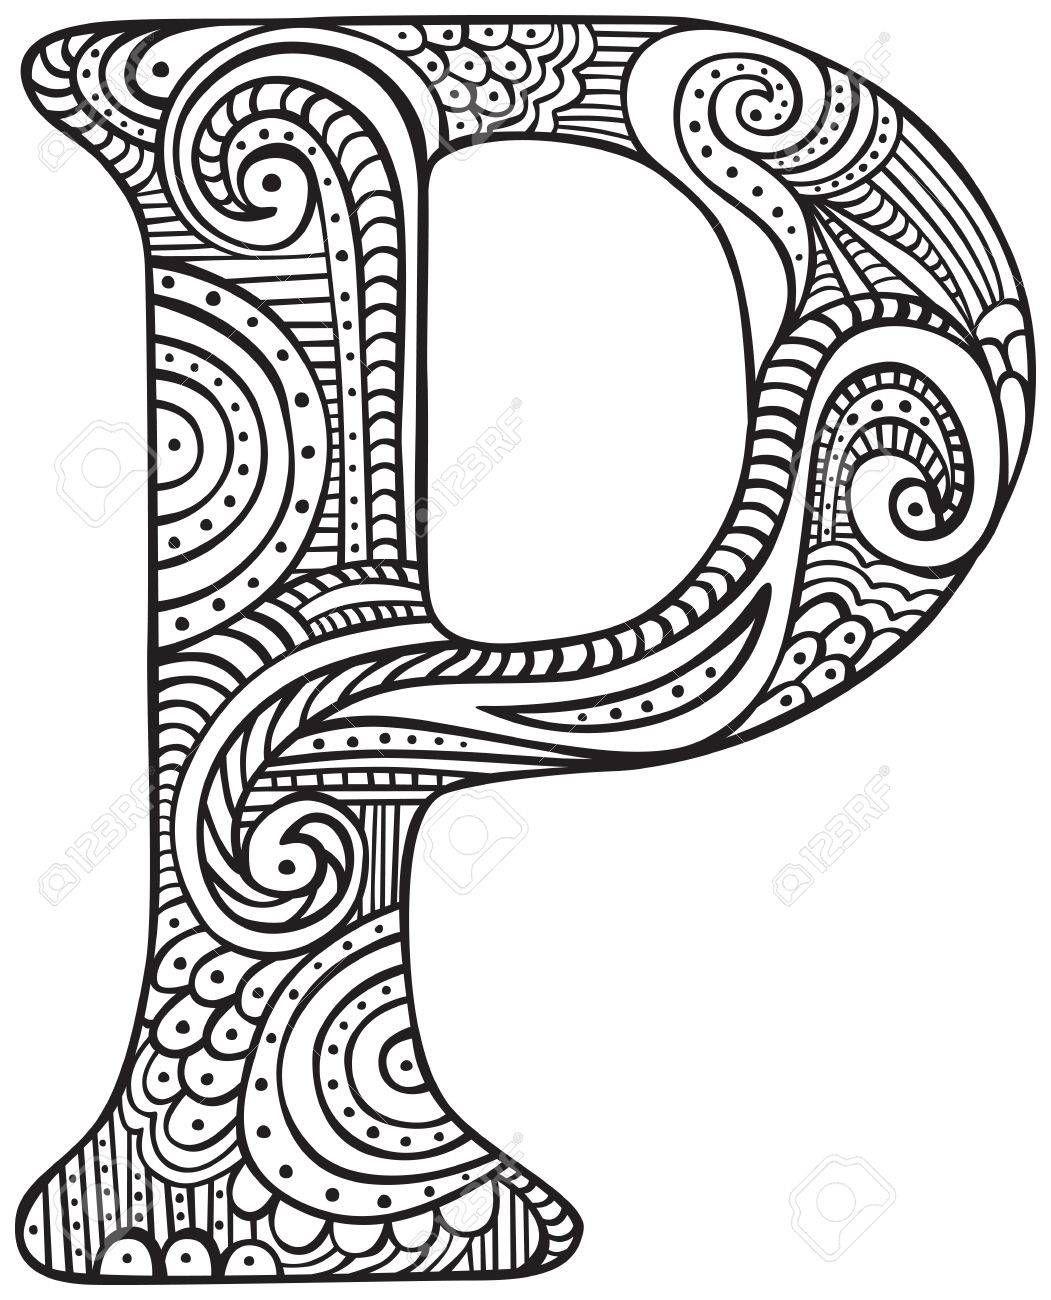 Mandala Art Of Letter P Novocom Top